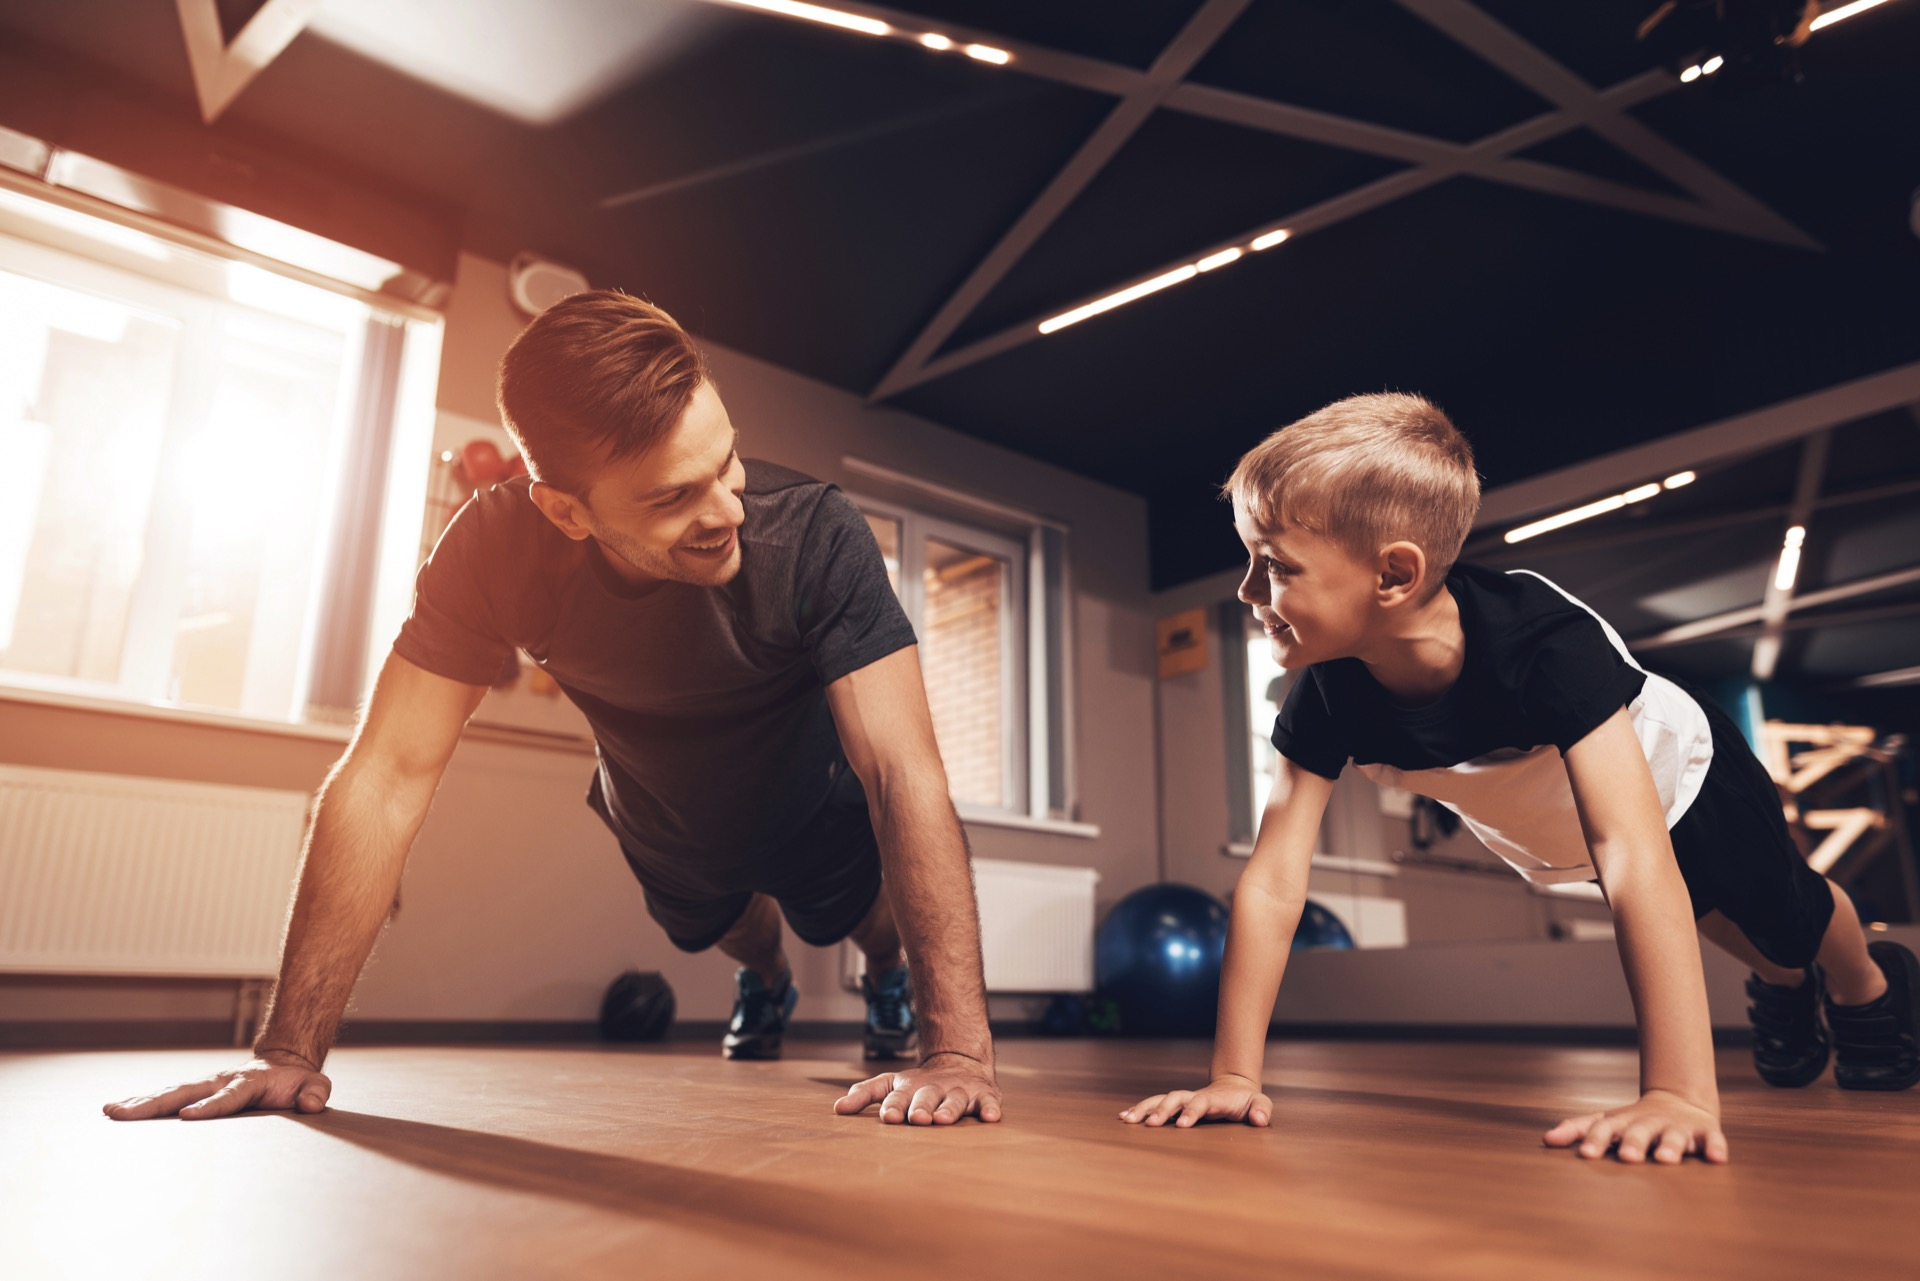 motivasjon til trening